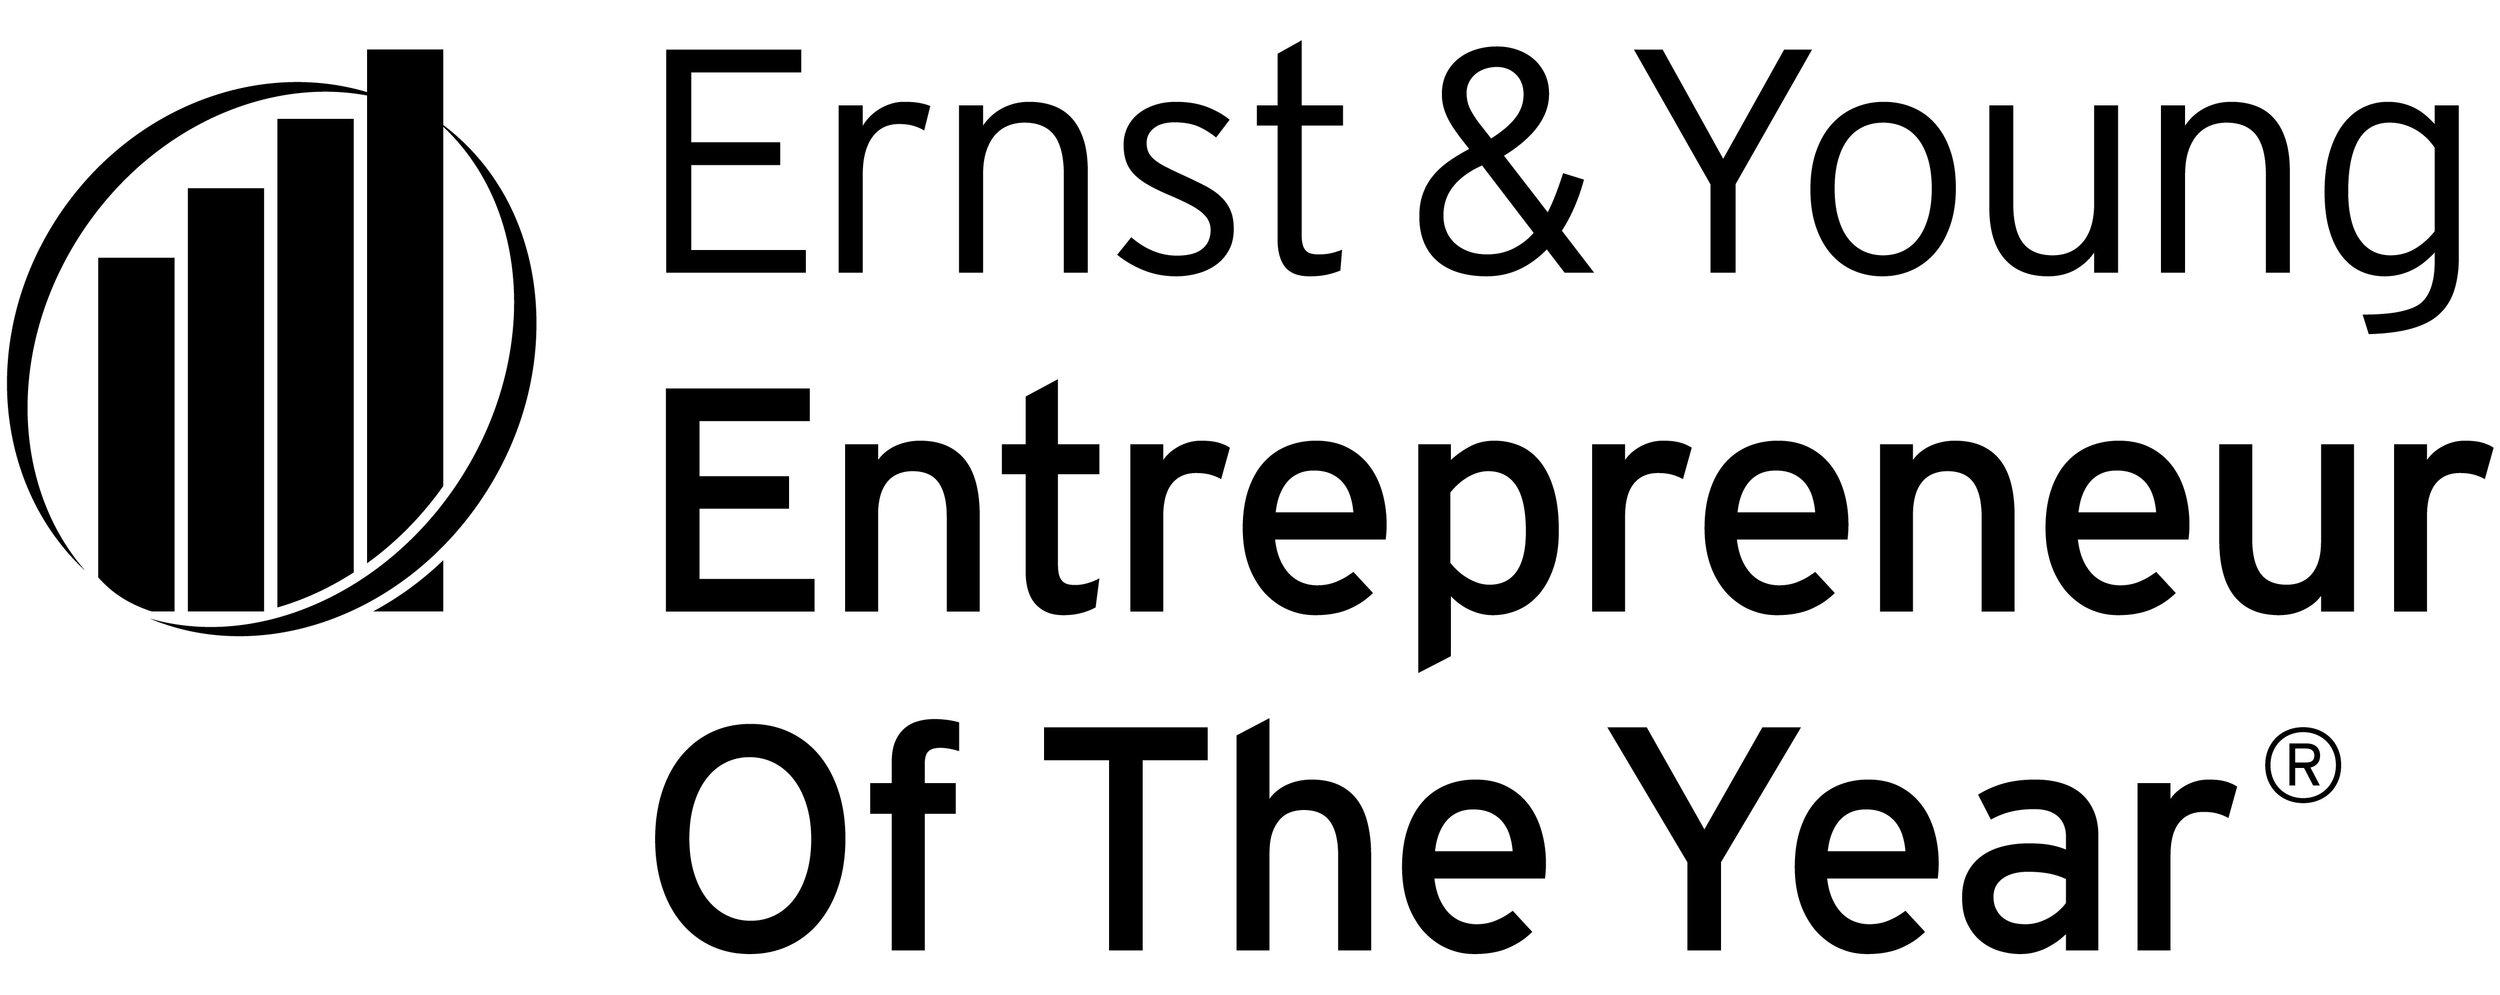 EY-Entrepreneur-of-the-Year-Logo.jpg